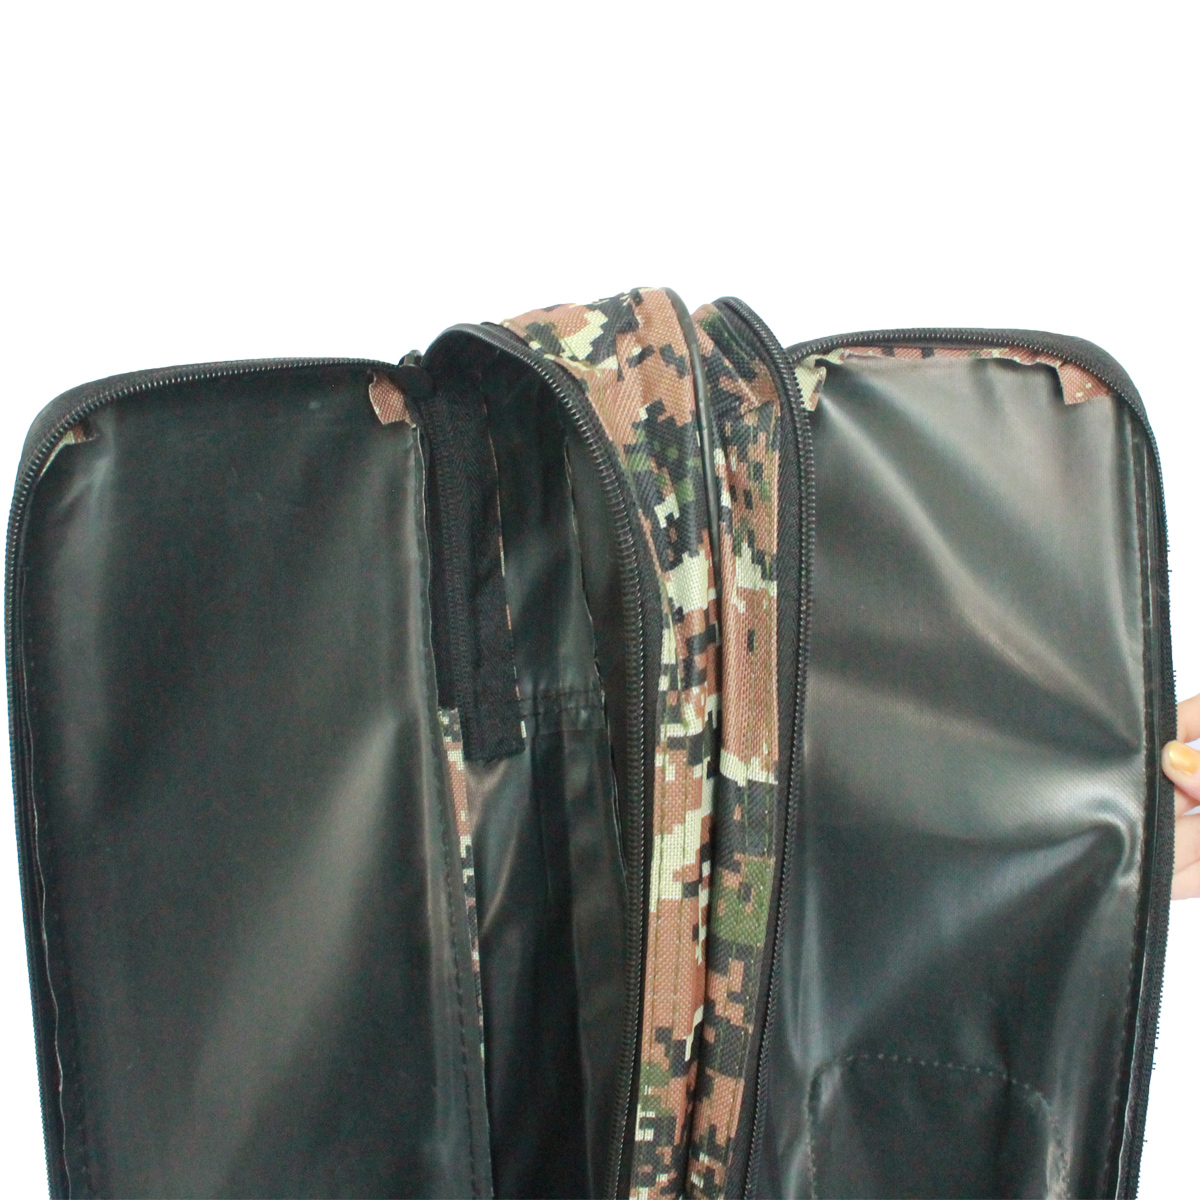 Túi Vải Đựng Cần Hai Ngăn Rằn Ri 1m50